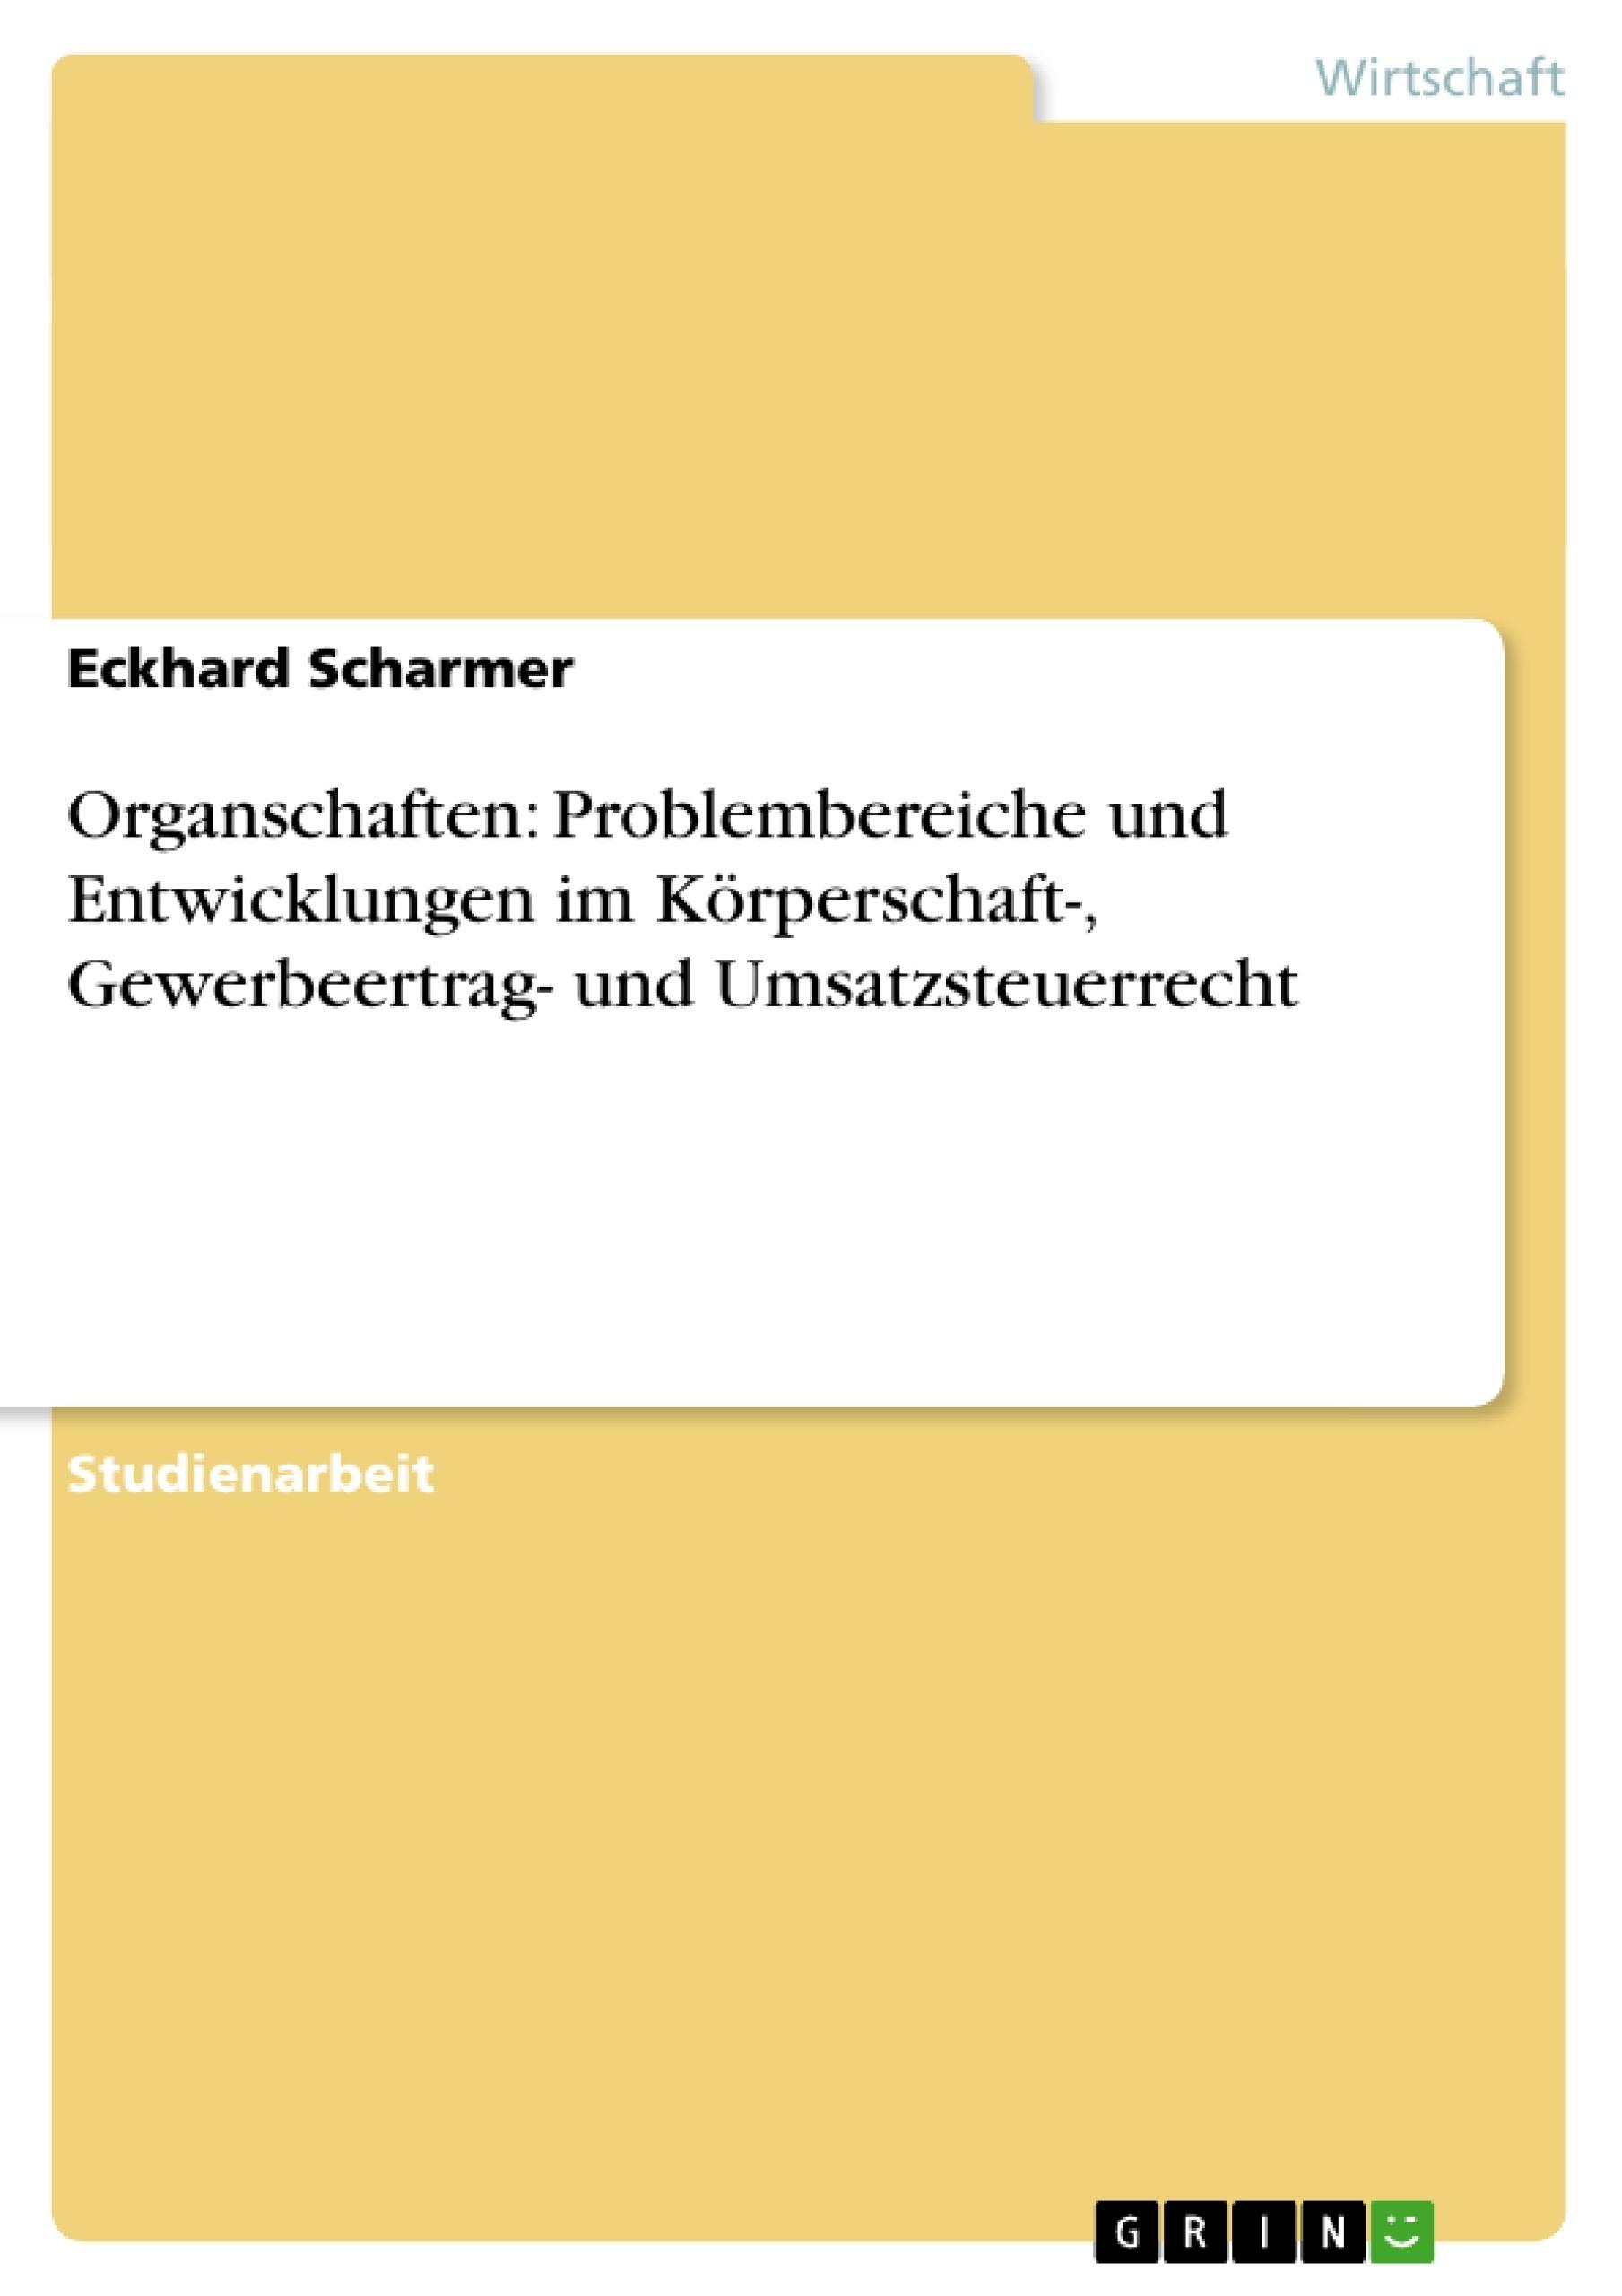 Titel: Organschaften: Problembereiche und Entwicklungen im Körperschaft-, Gewerbeertrag- und Umsatzsteuerrecht